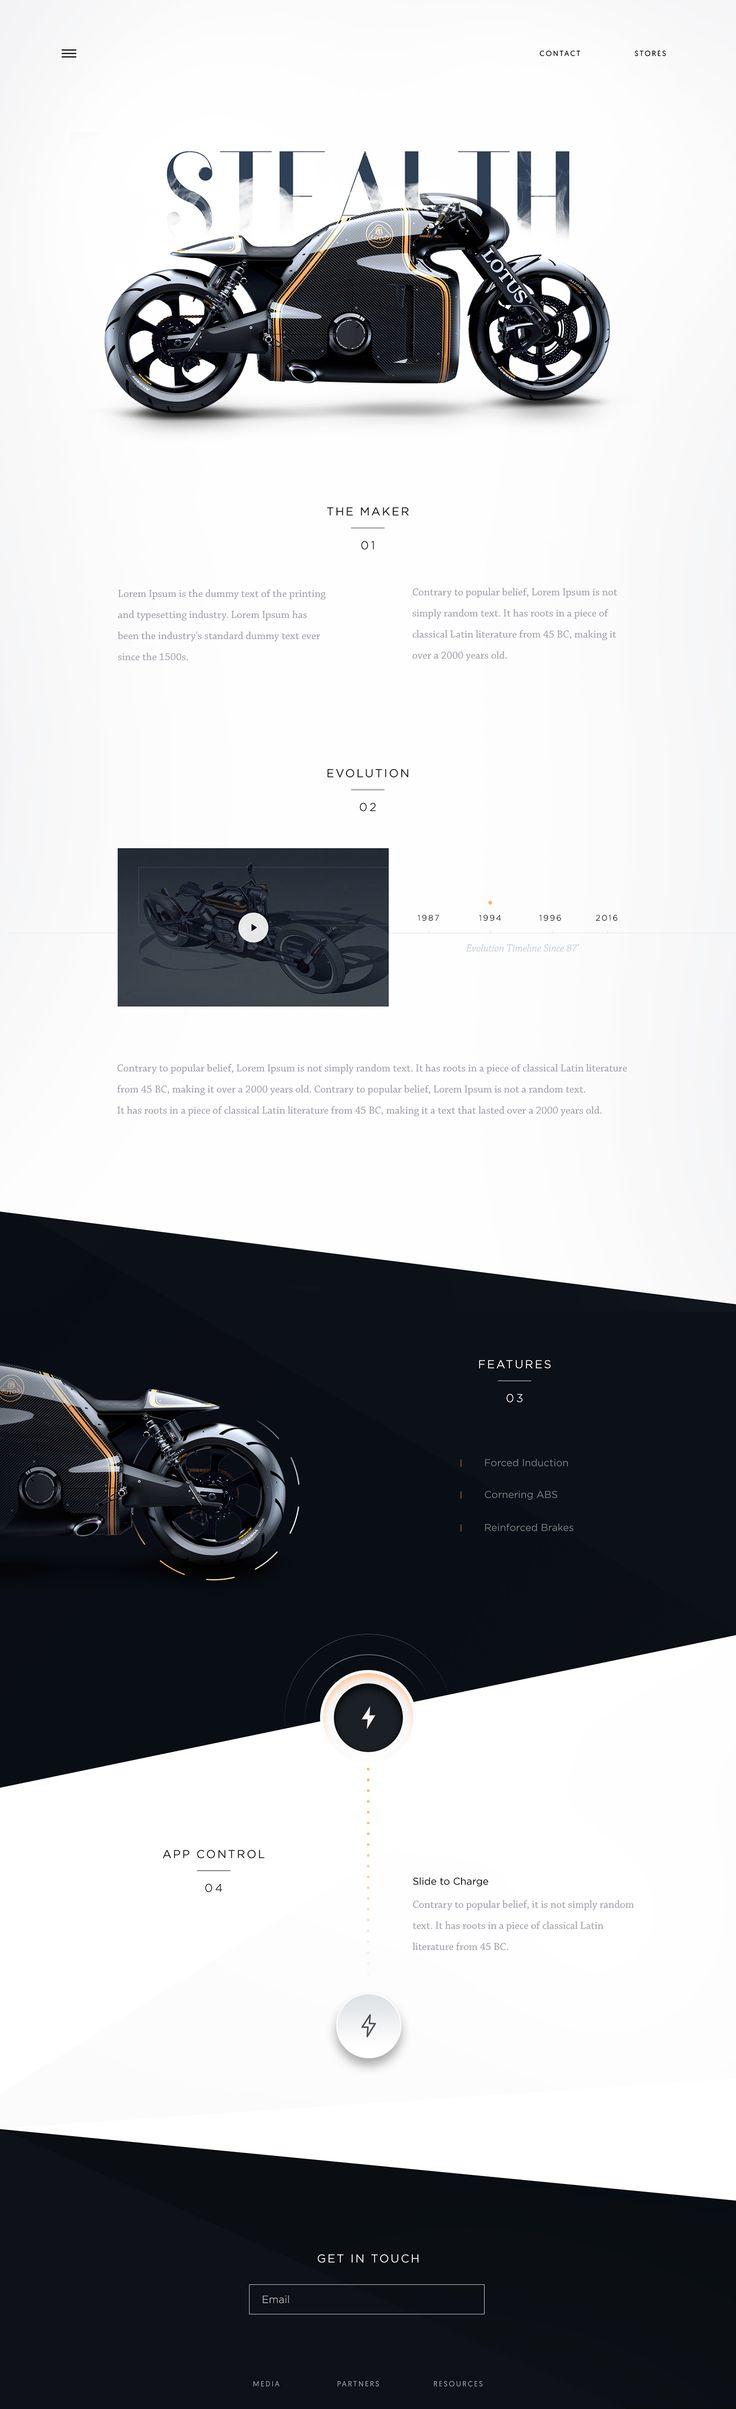 Lotus Superbike Landing Page on Behance